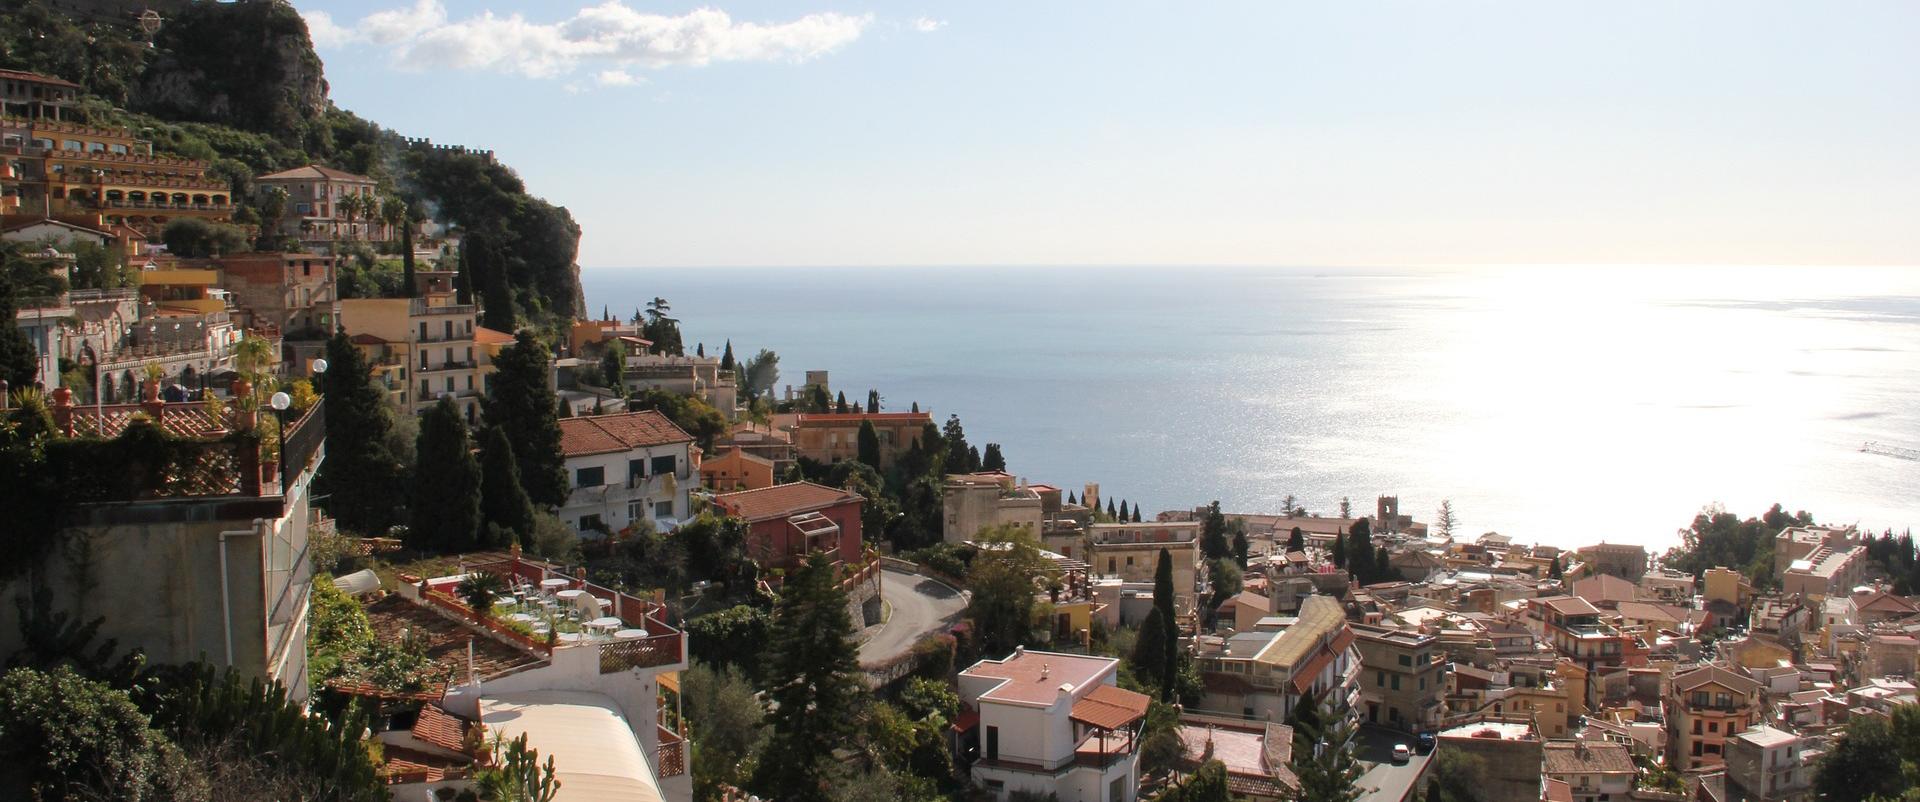 Vakantie in Italië: Taormina Sicilie